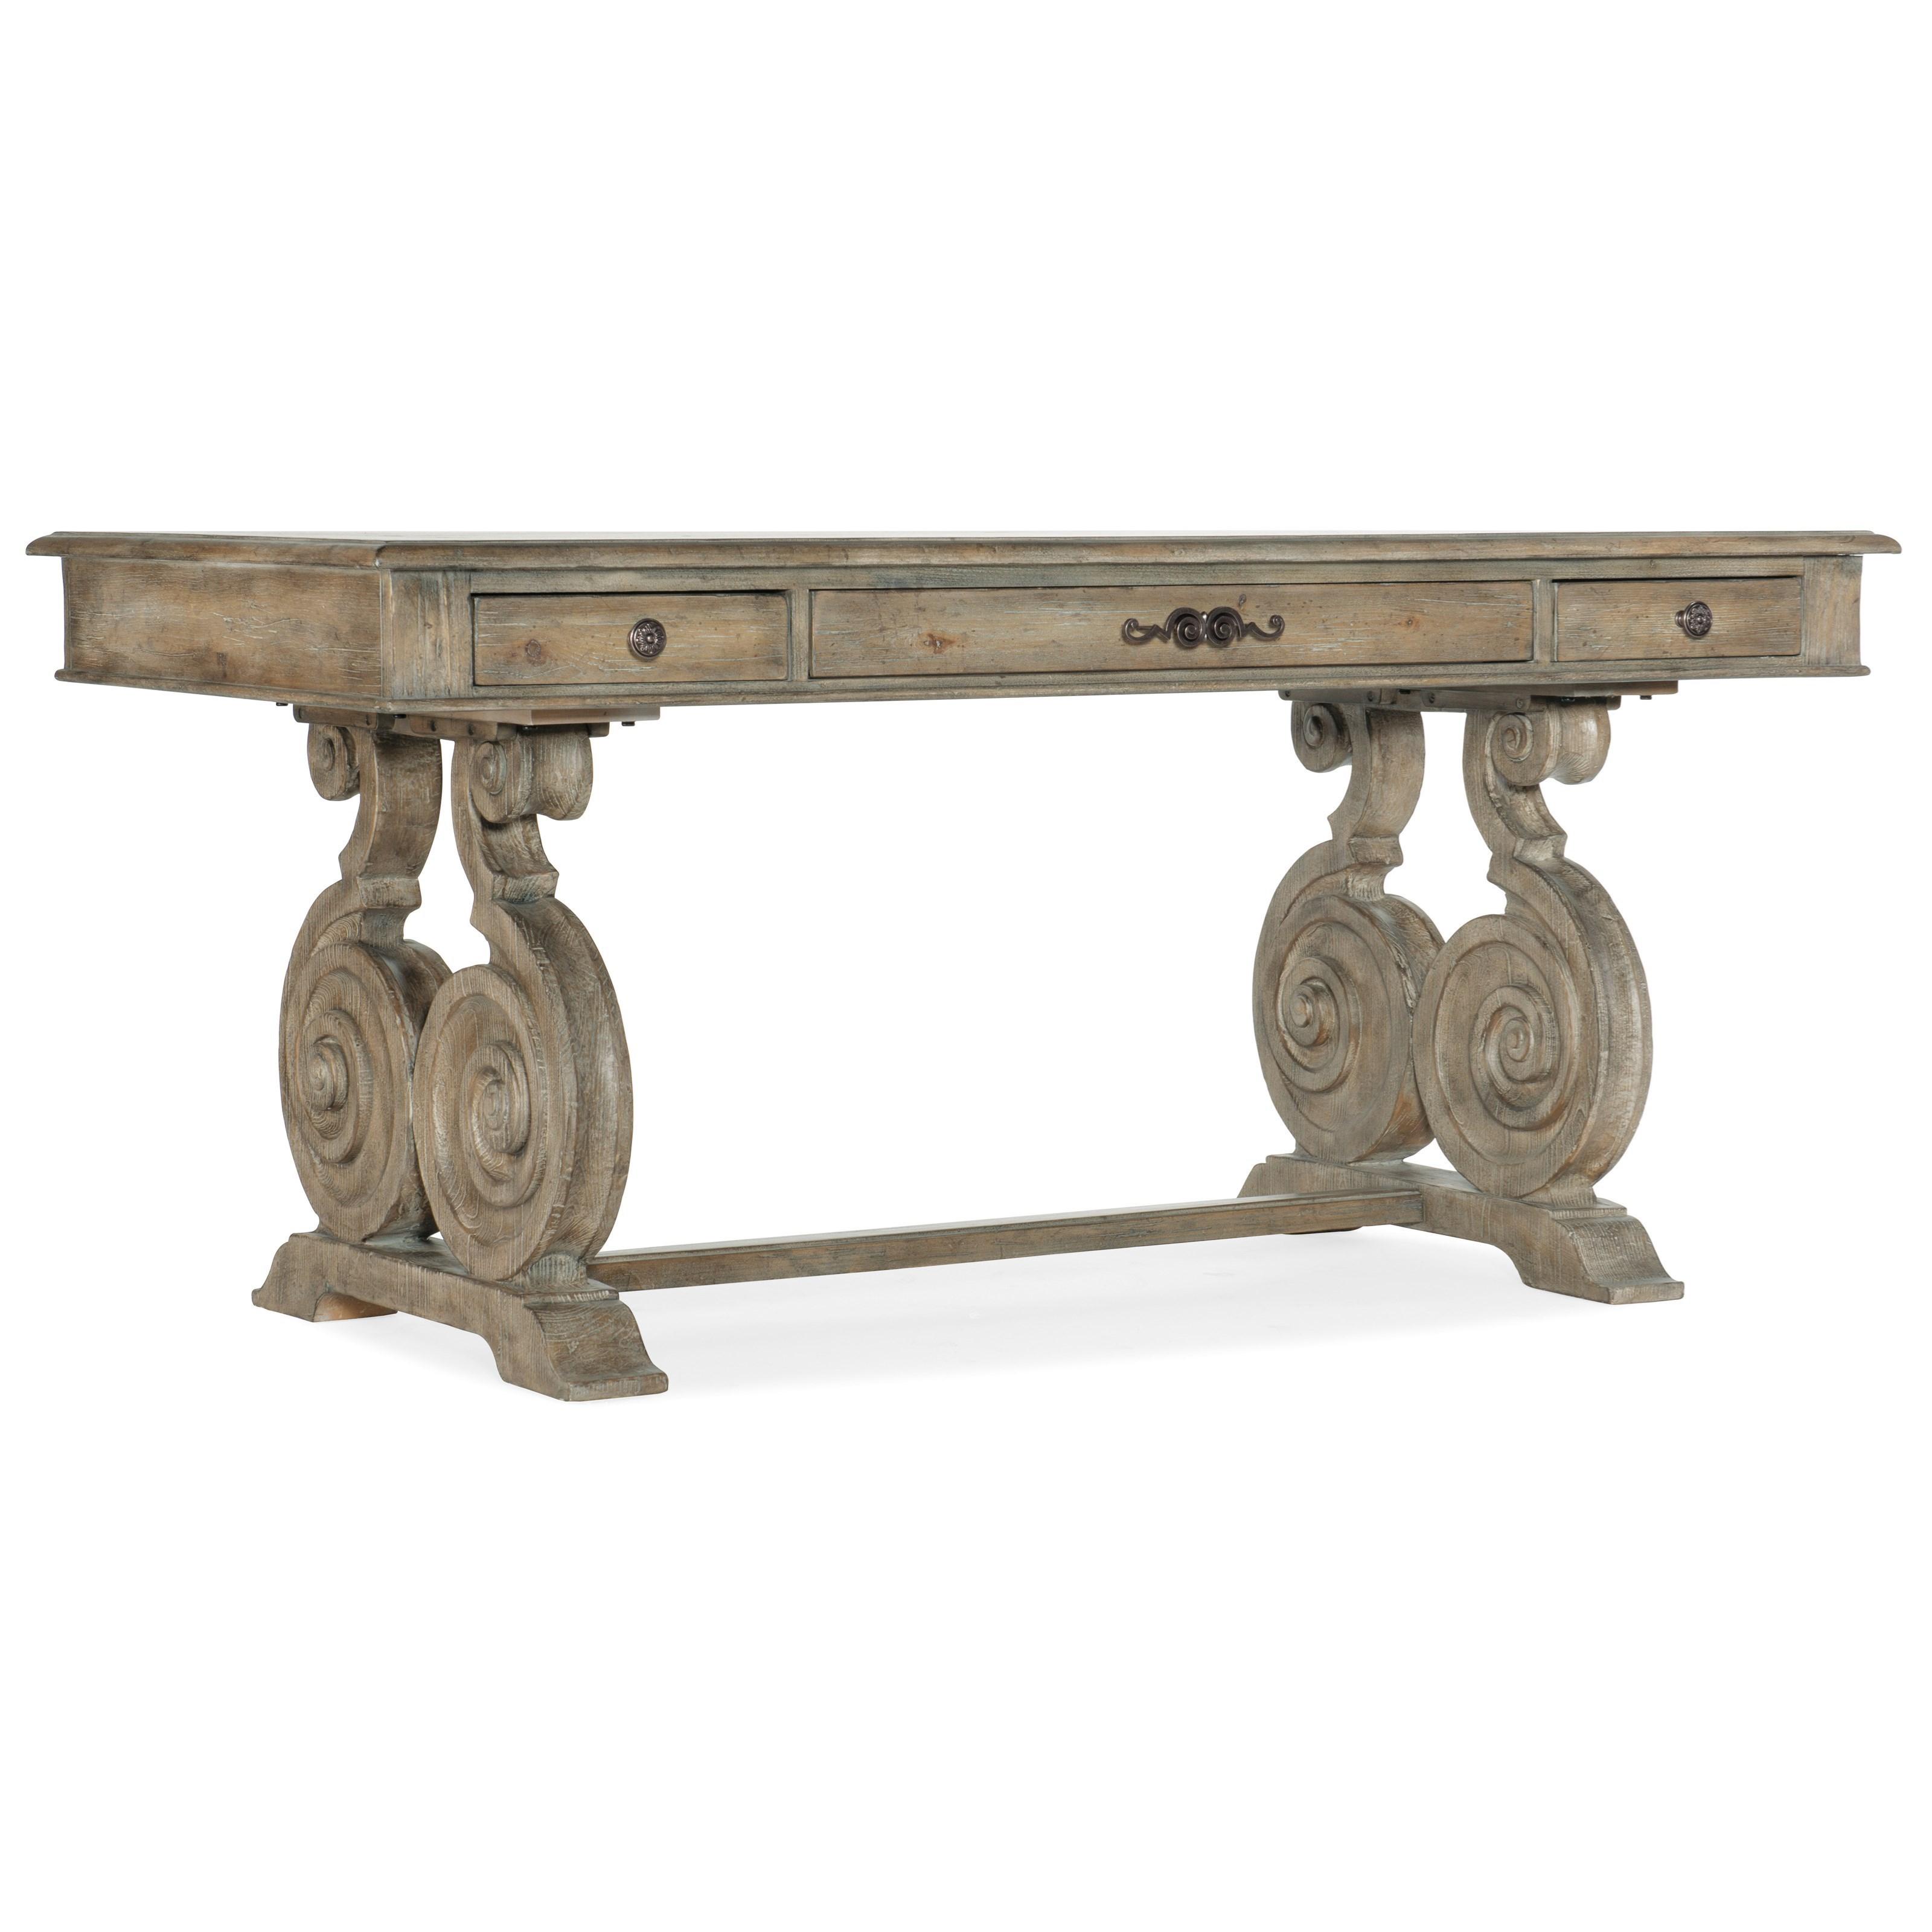 Castella Writing Desk by Hooker Furniture at Baer's Furniture